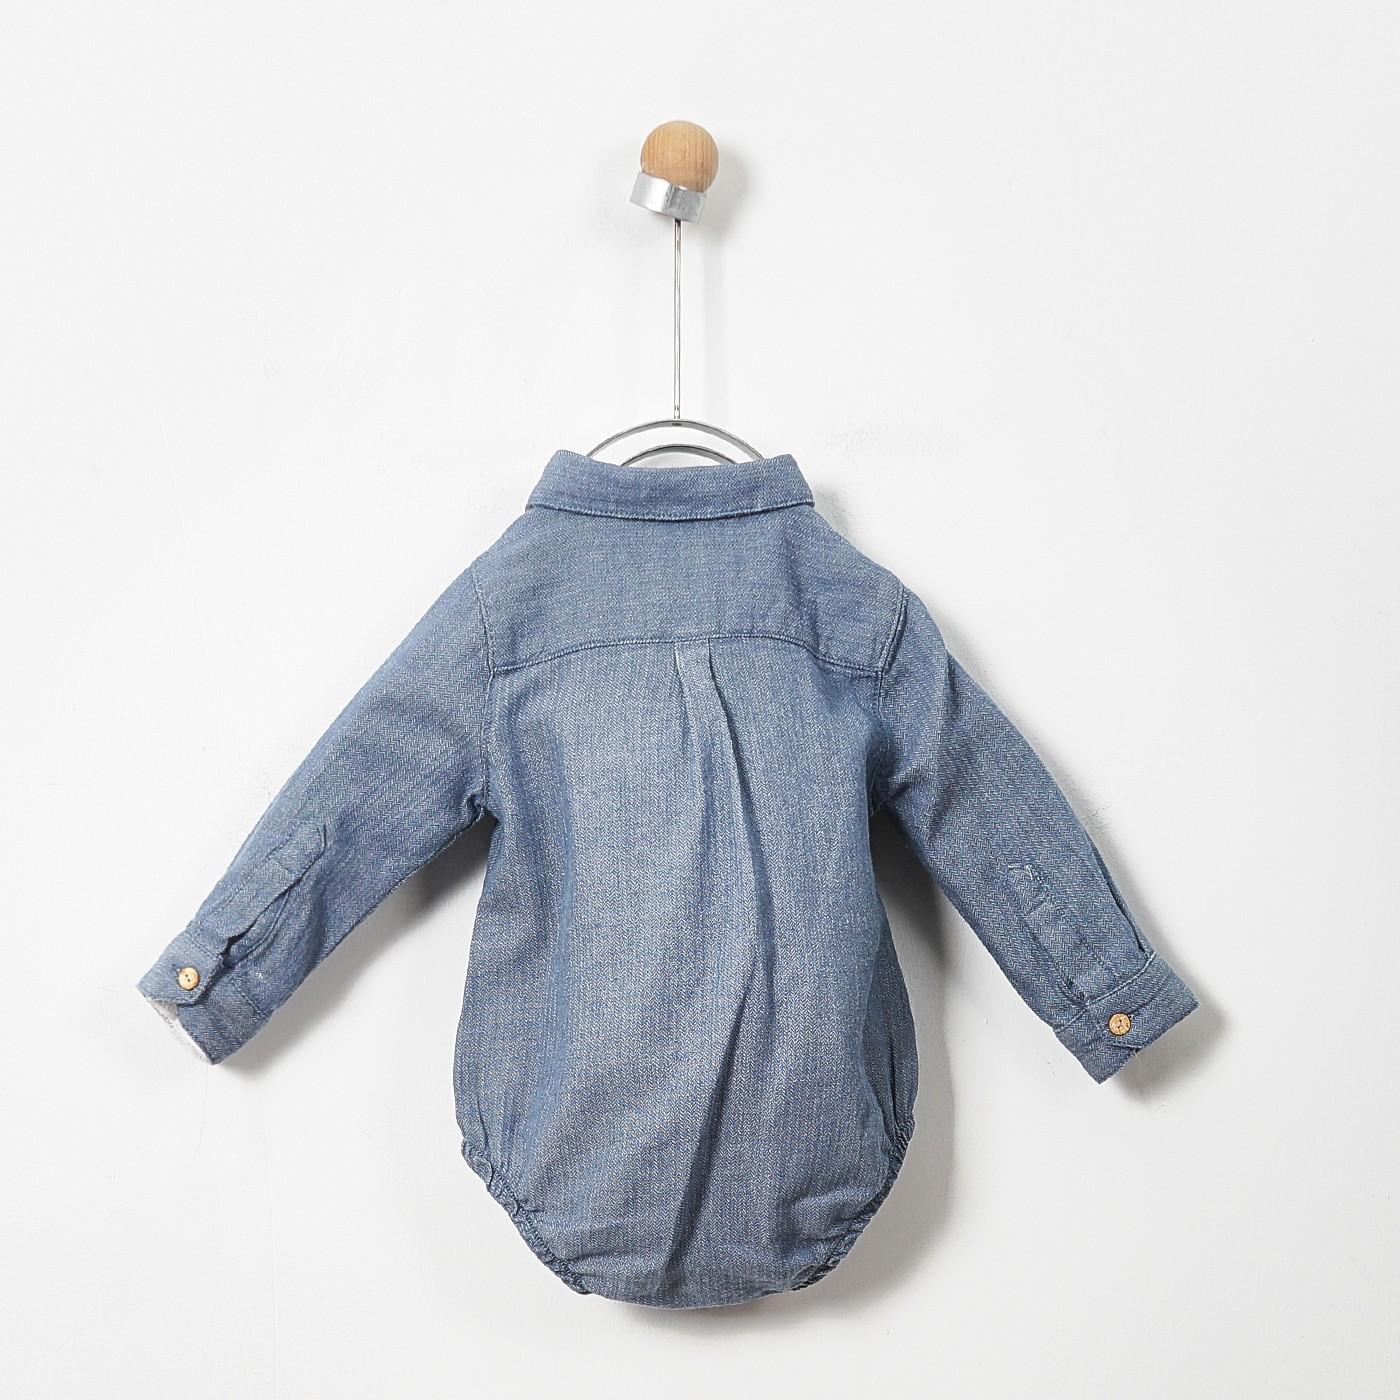 Erkek Bebek Uzun Kollu Body Gömlek 2